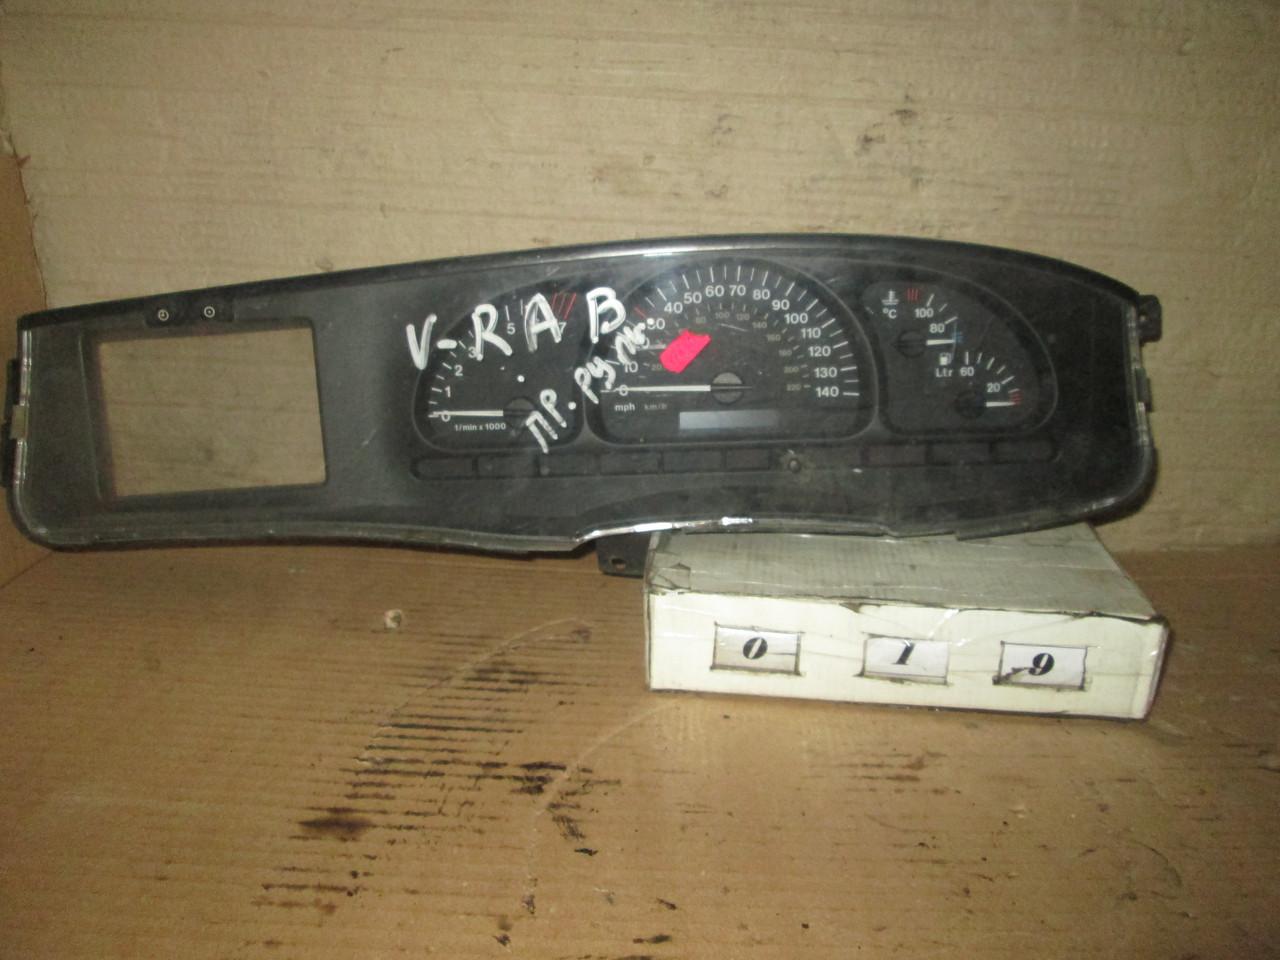 №19 Б/у Панель приладів/спідометр 09134526LQ для Opel Vectra B 1995-2002